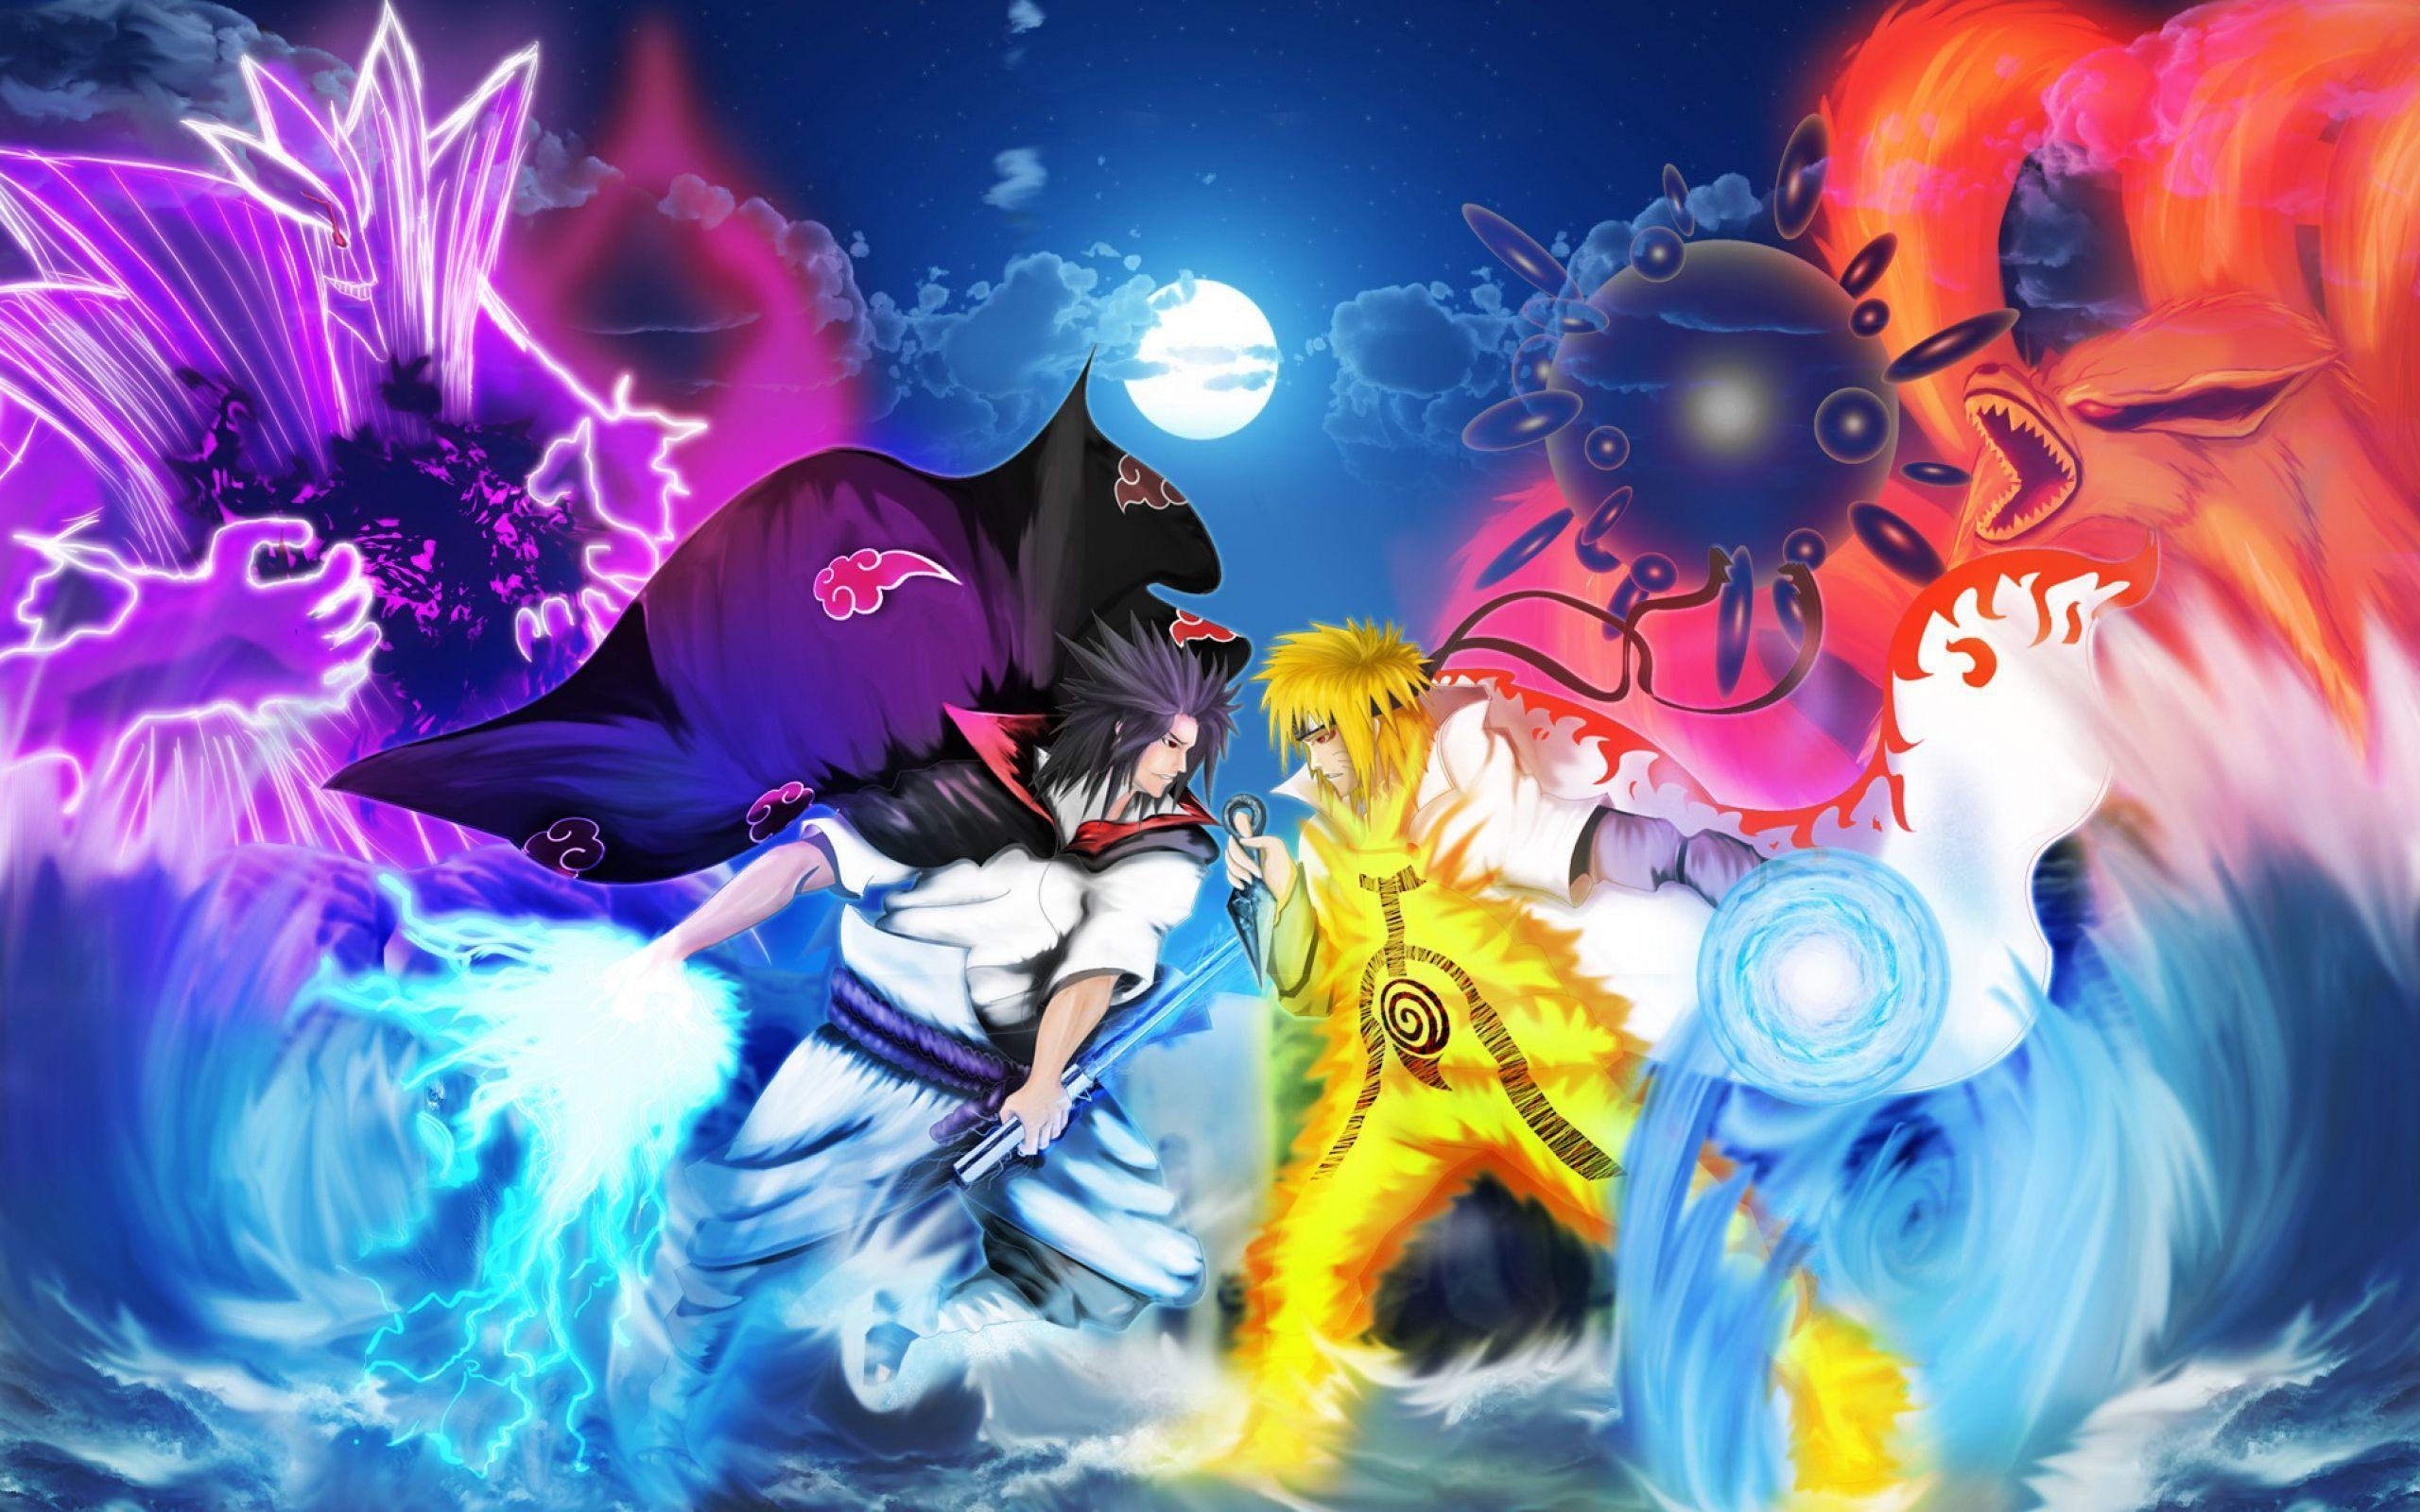 Will Sasuke Die In Naruto?